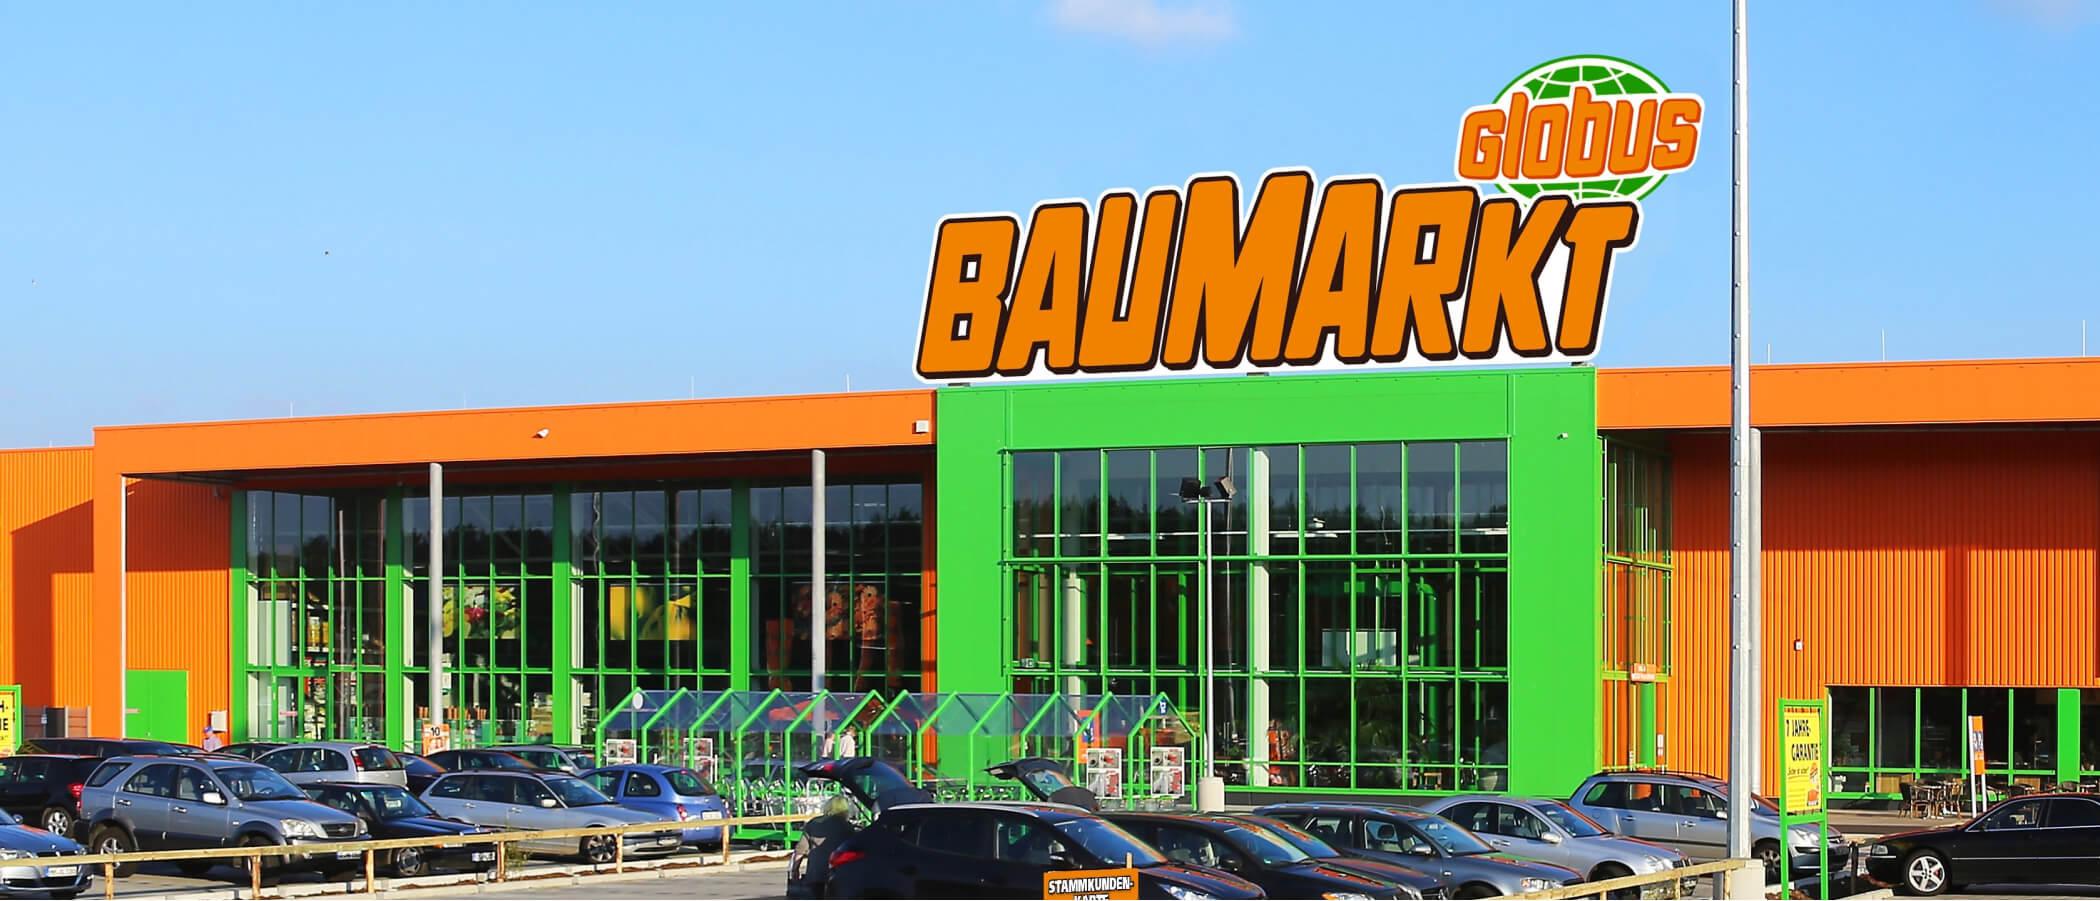 Globus-Baumärkte-case